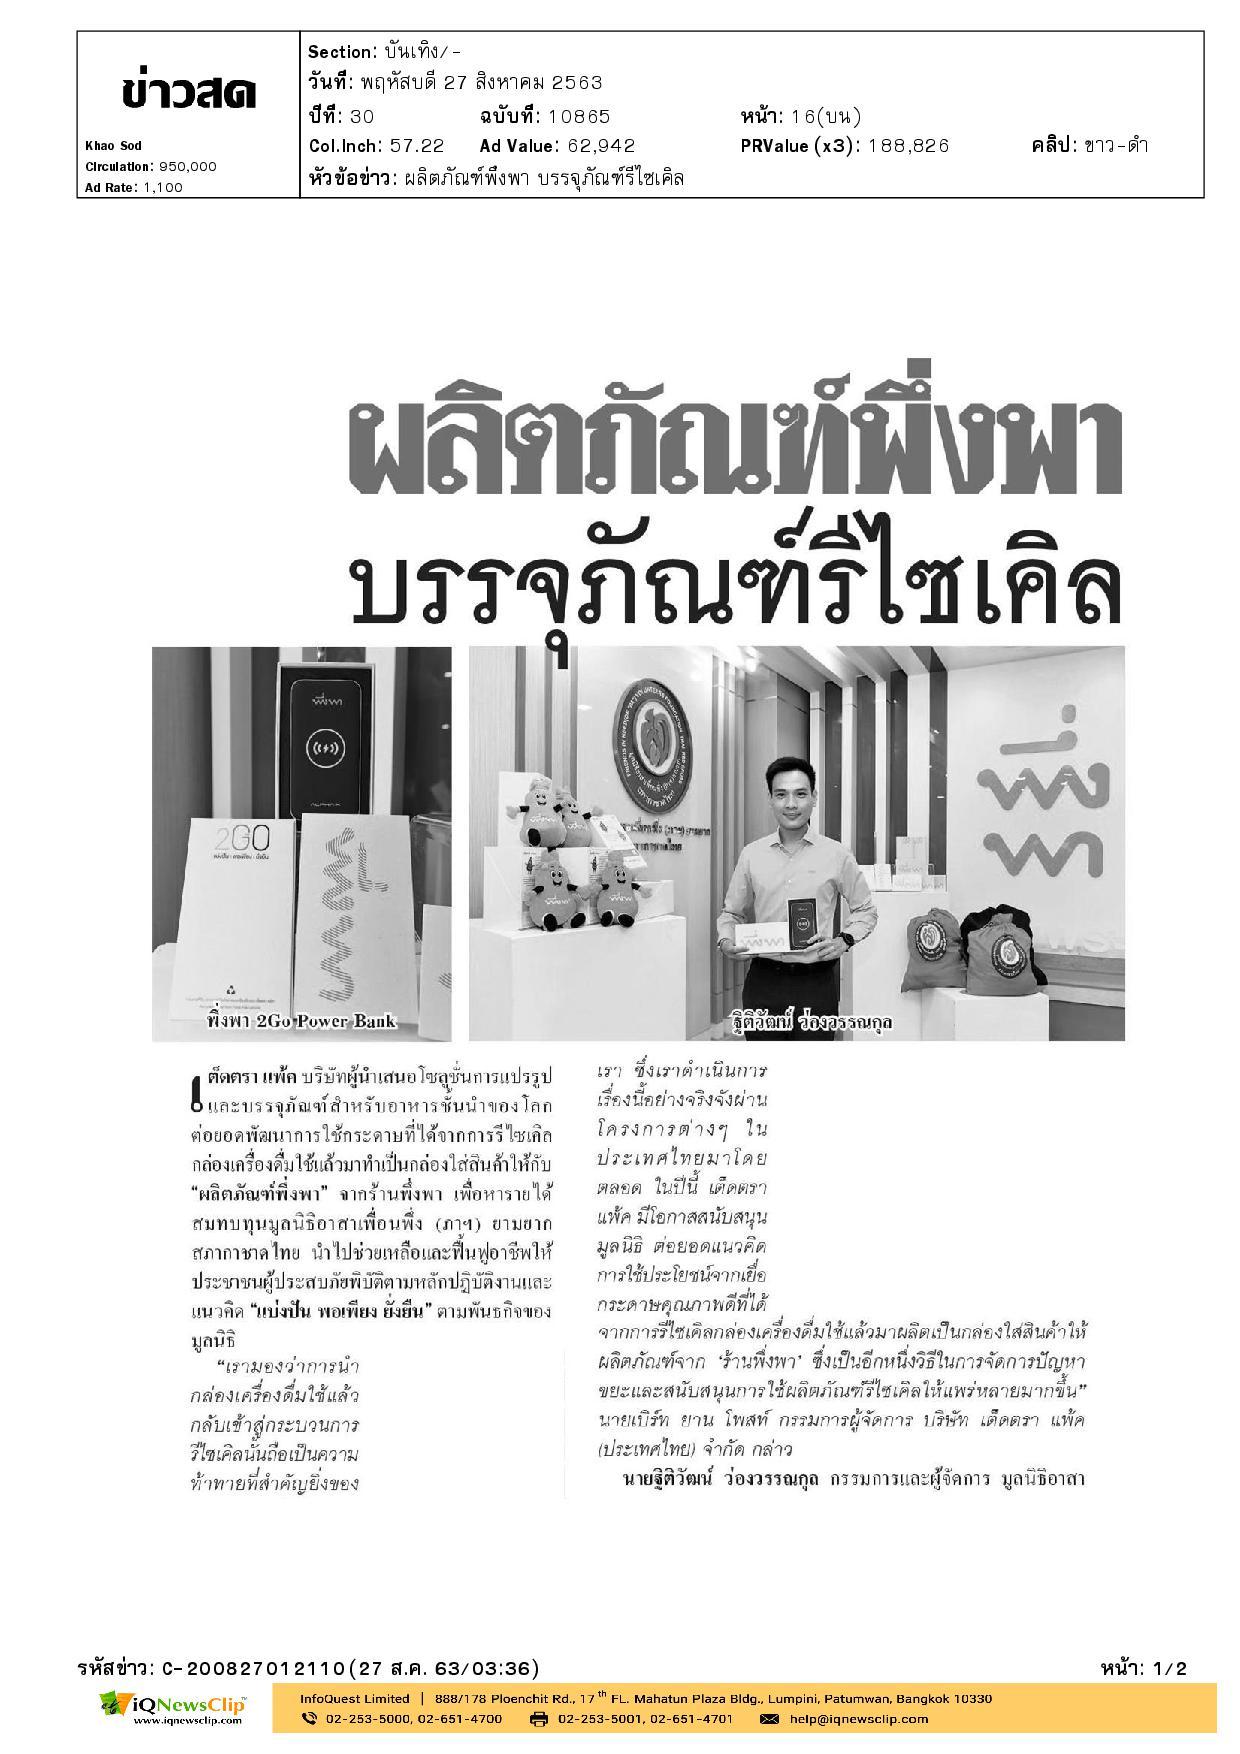 มูลนิธิอาสาเพื่อนพึ่ง (ภาฯ) ยามยาก สภากาชาดไทย ช่วยเหลือผู้ประสบภัย